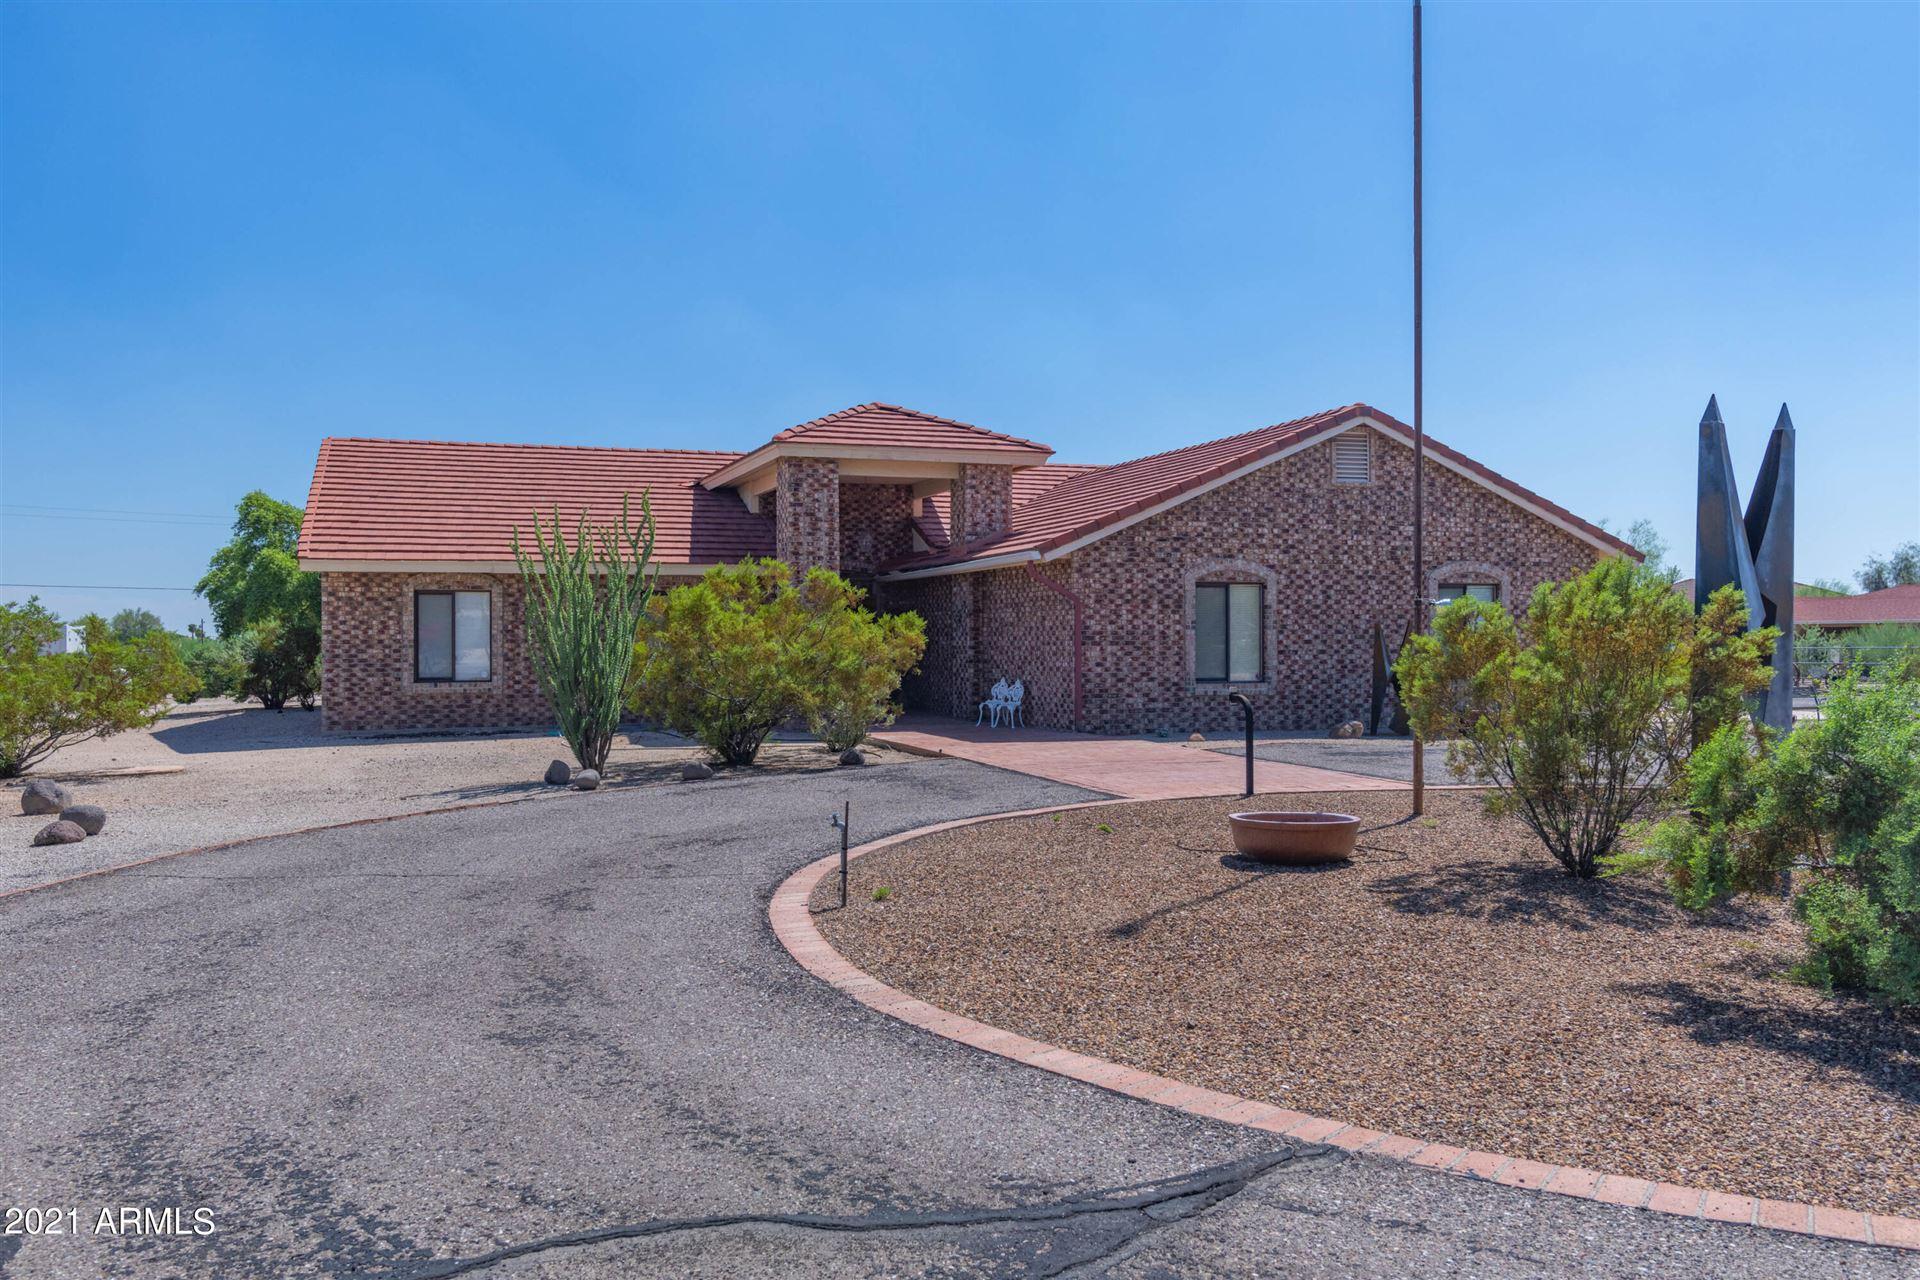 6787 W HATFIELD Road, Peoria, AZ 85383 - MLS#: 6285167